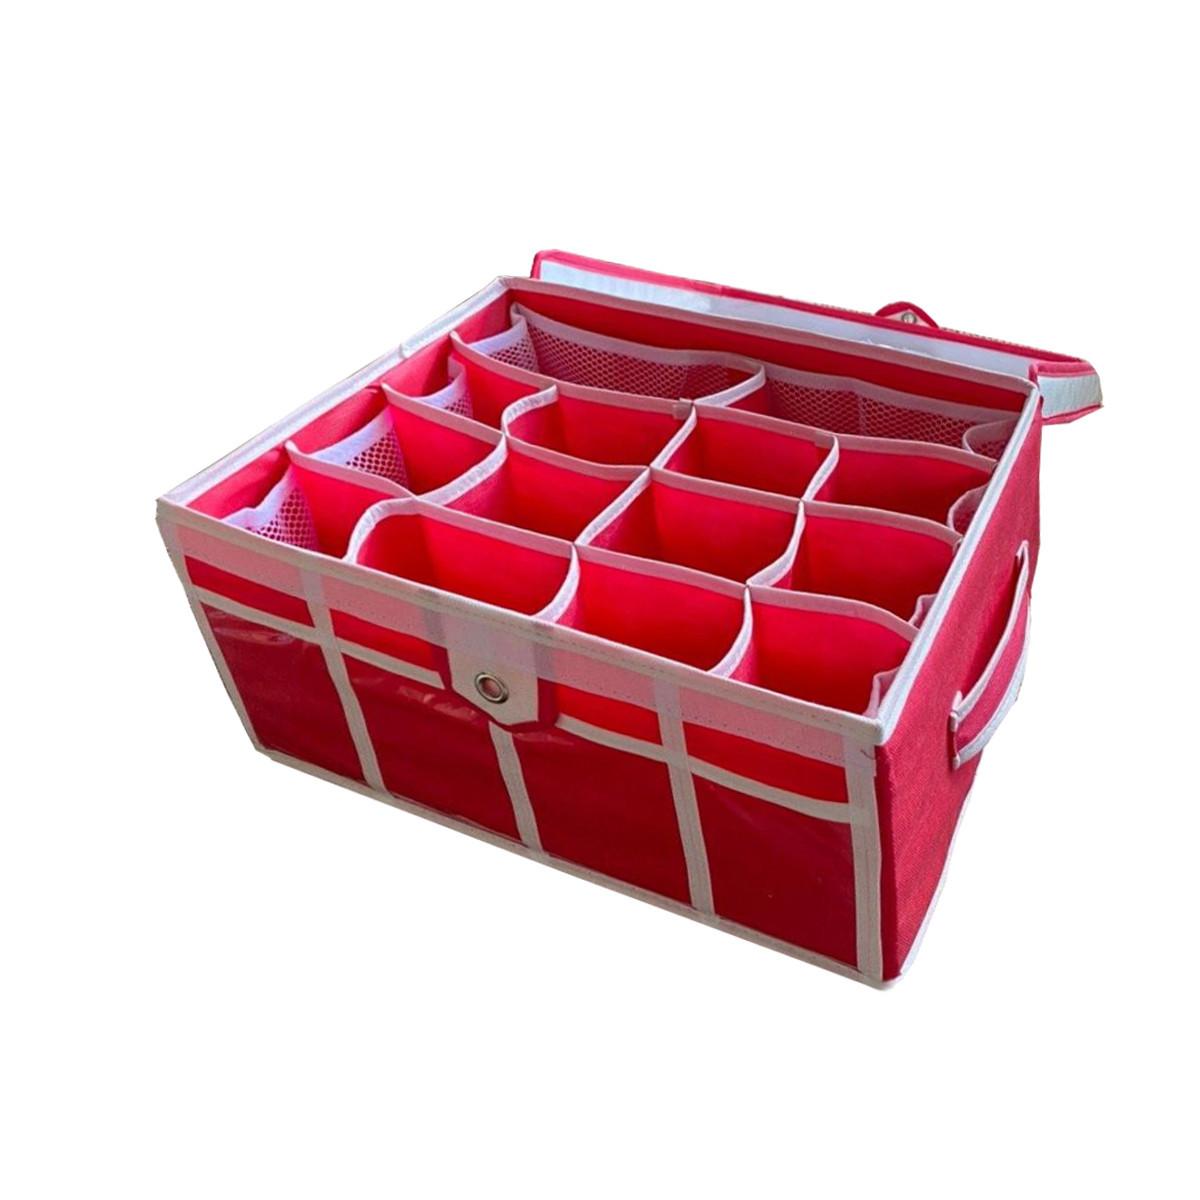 Аптечка домашняя универсальная Comfort 32х32х16 см, 30 ячеек